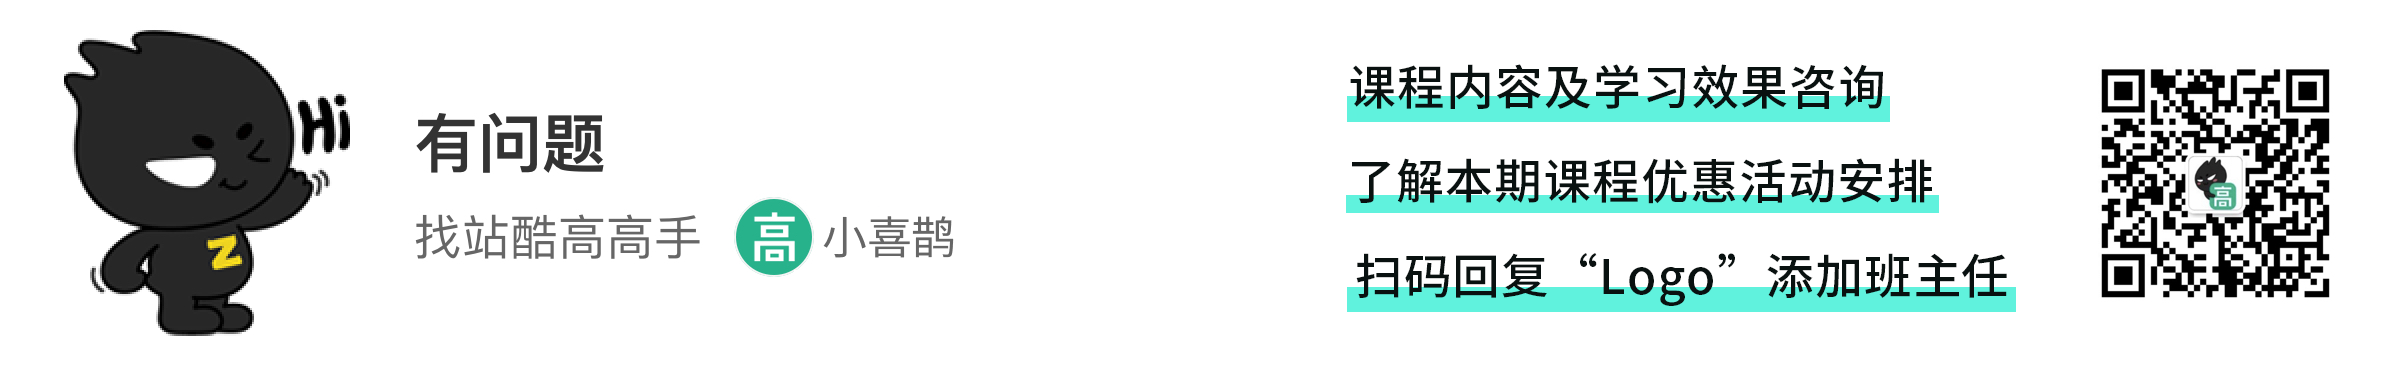 Logo·字体·品牌·包装设计实战班(第3期)